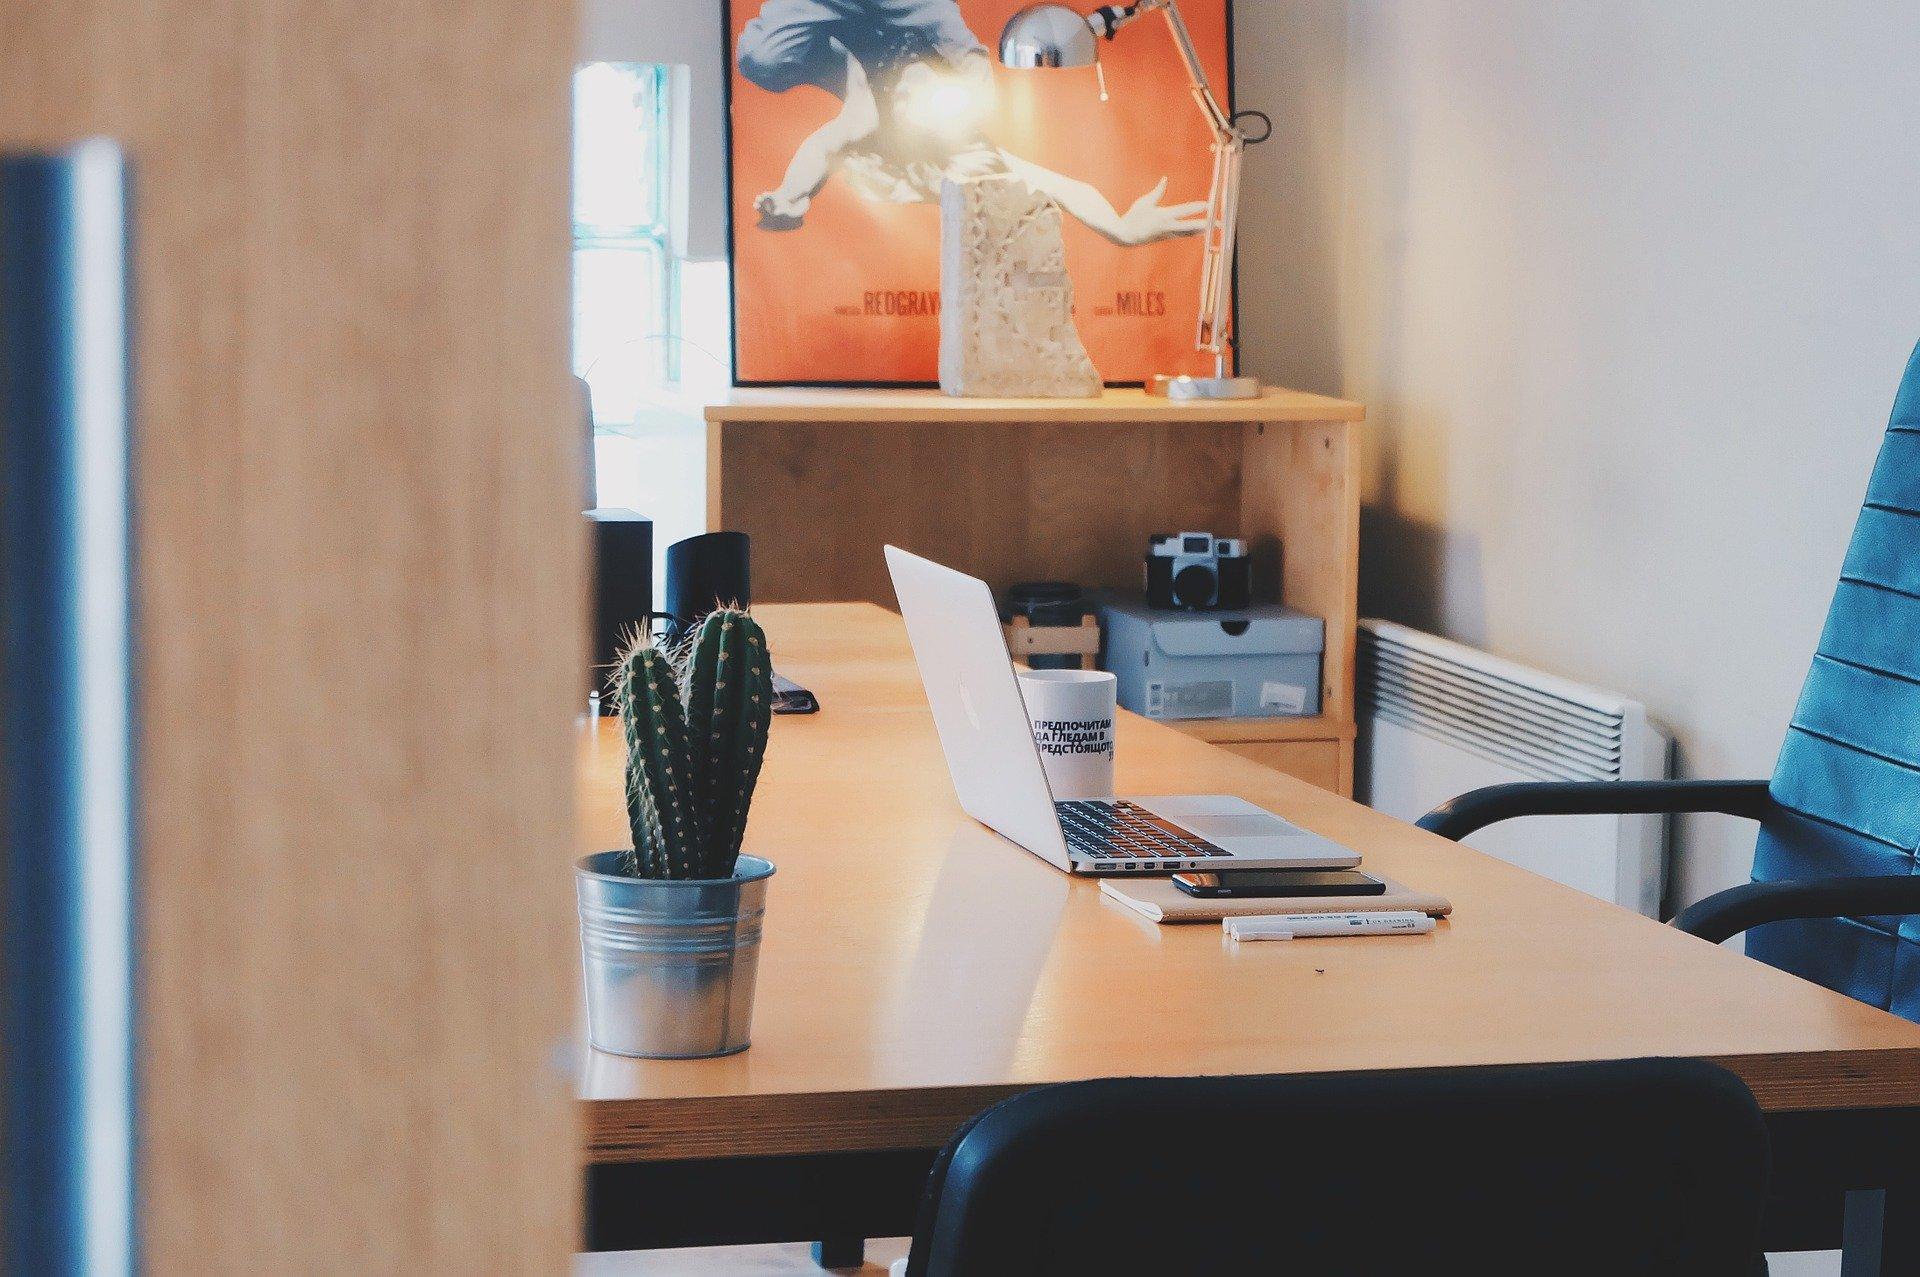 Un bureau avec une chaise vide